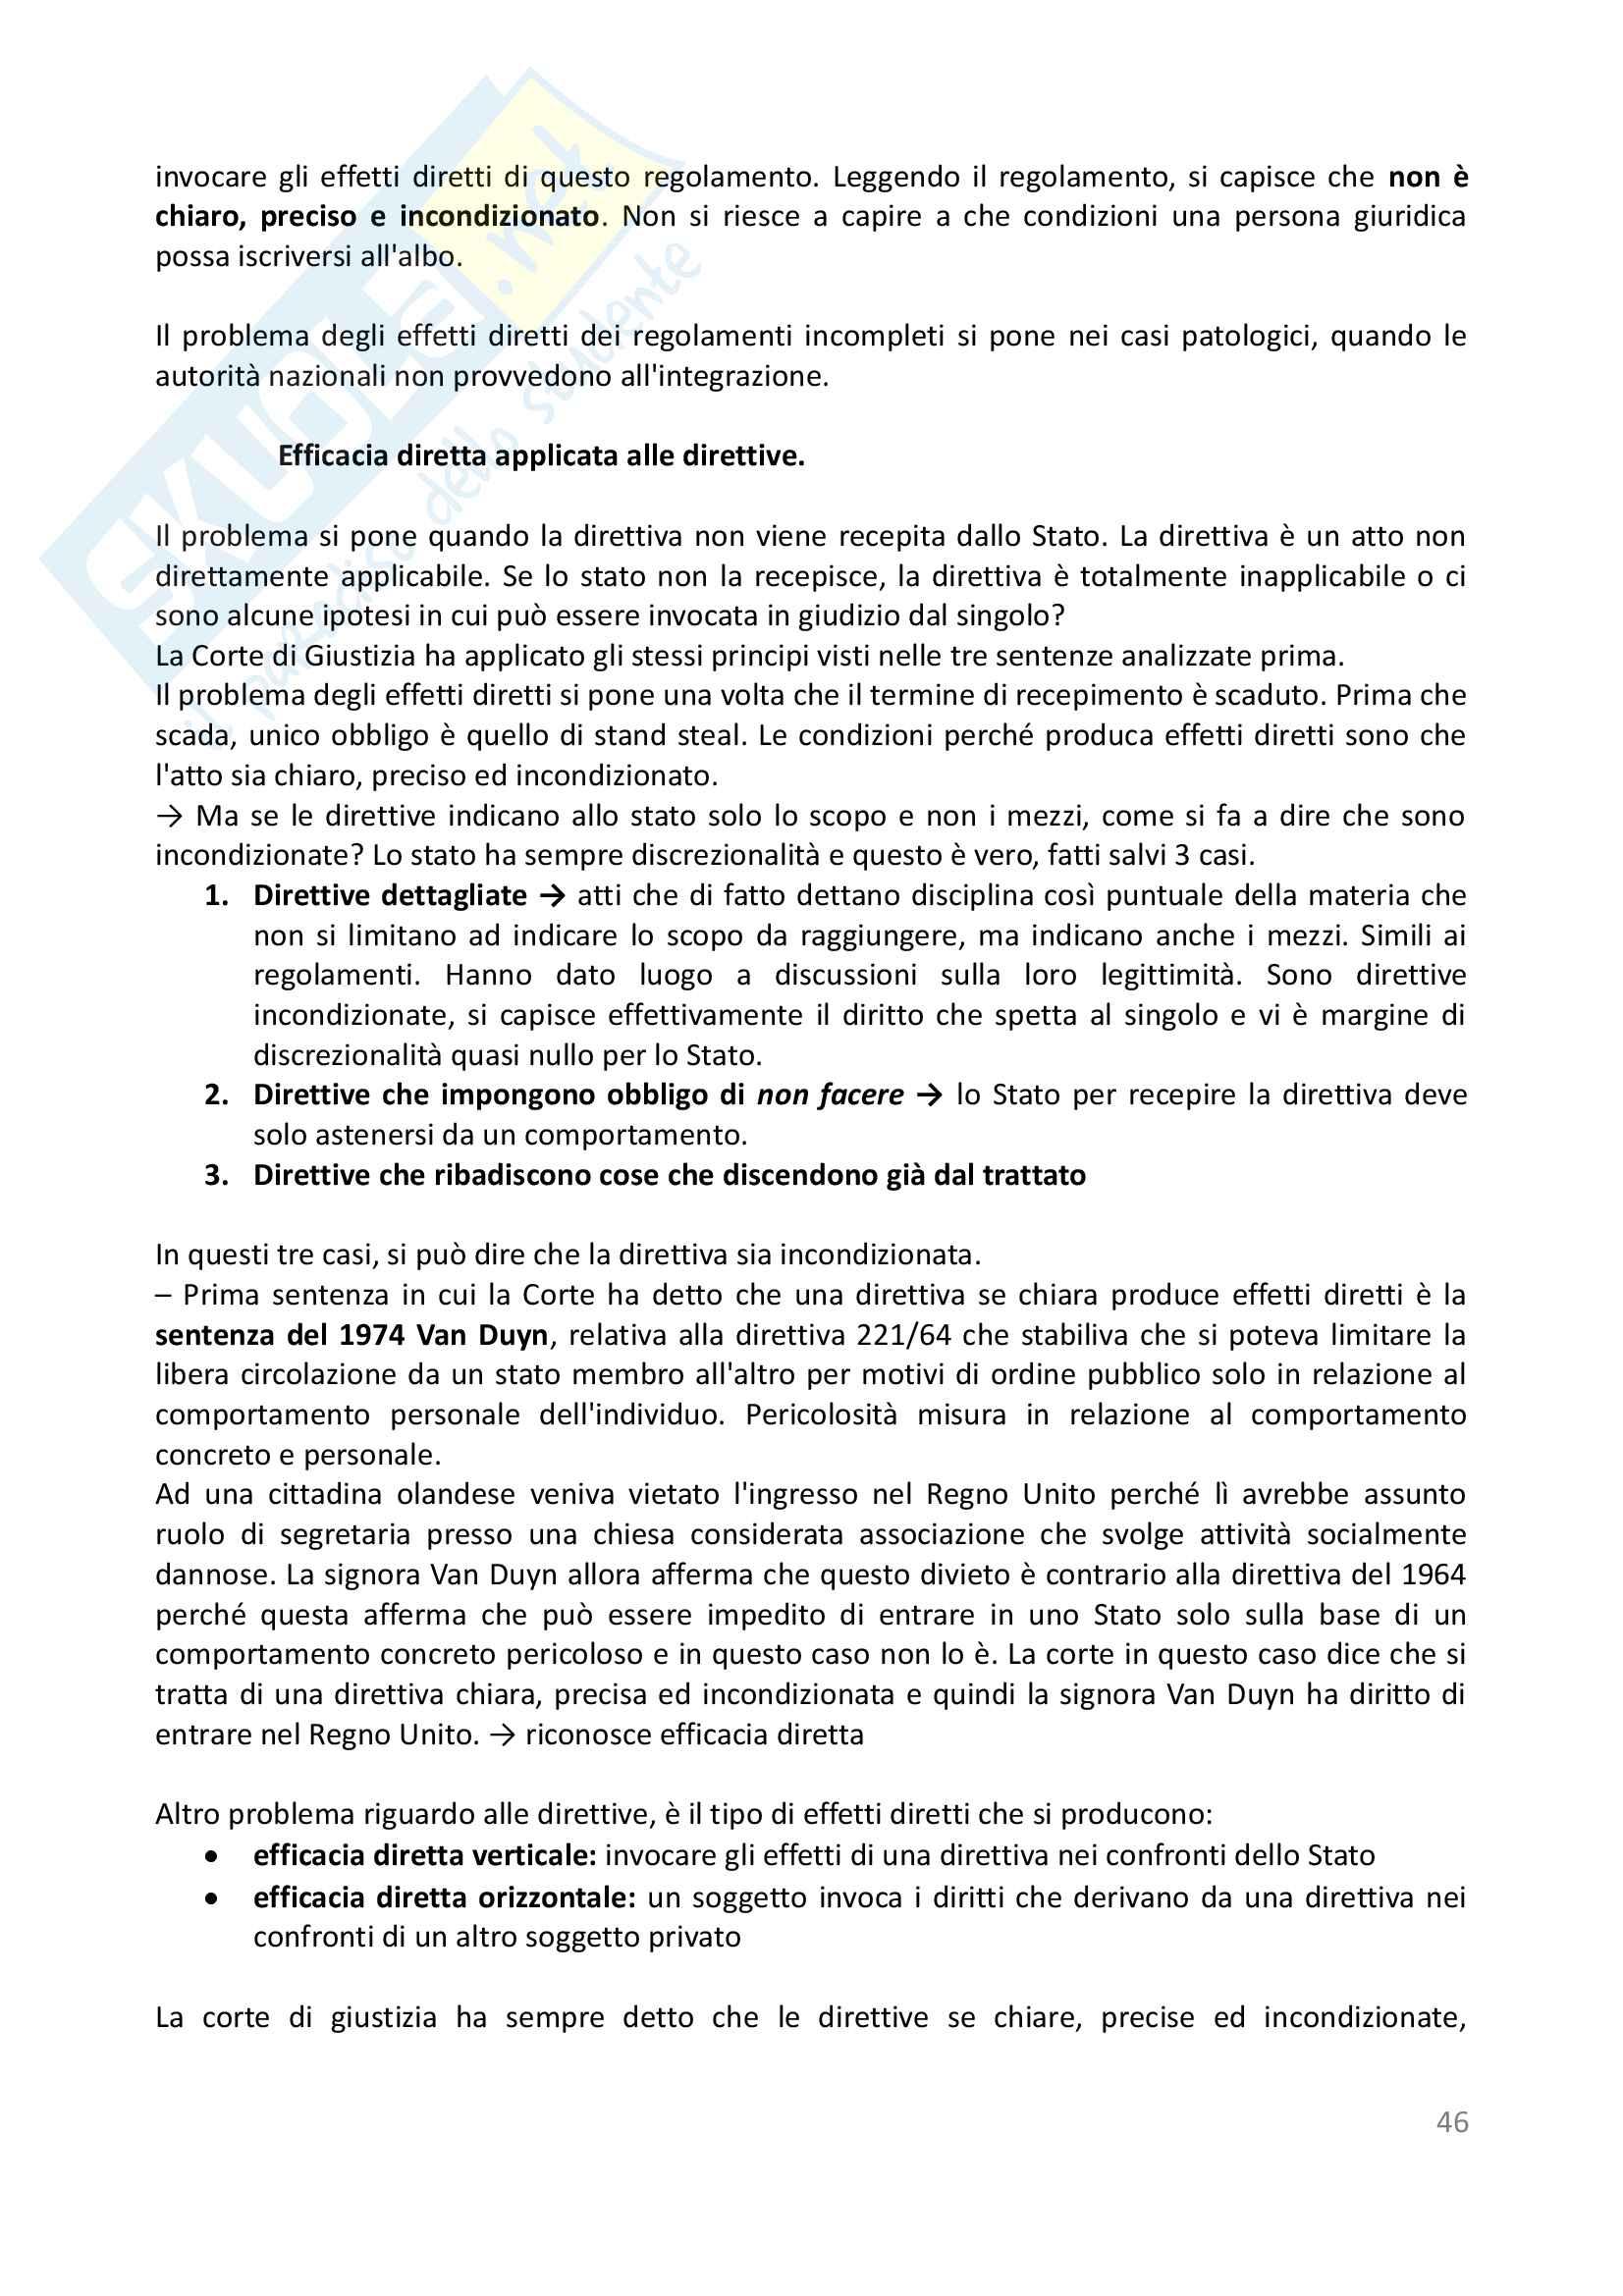 Appunti - Diritto dell'Unione Europea Pag. 46